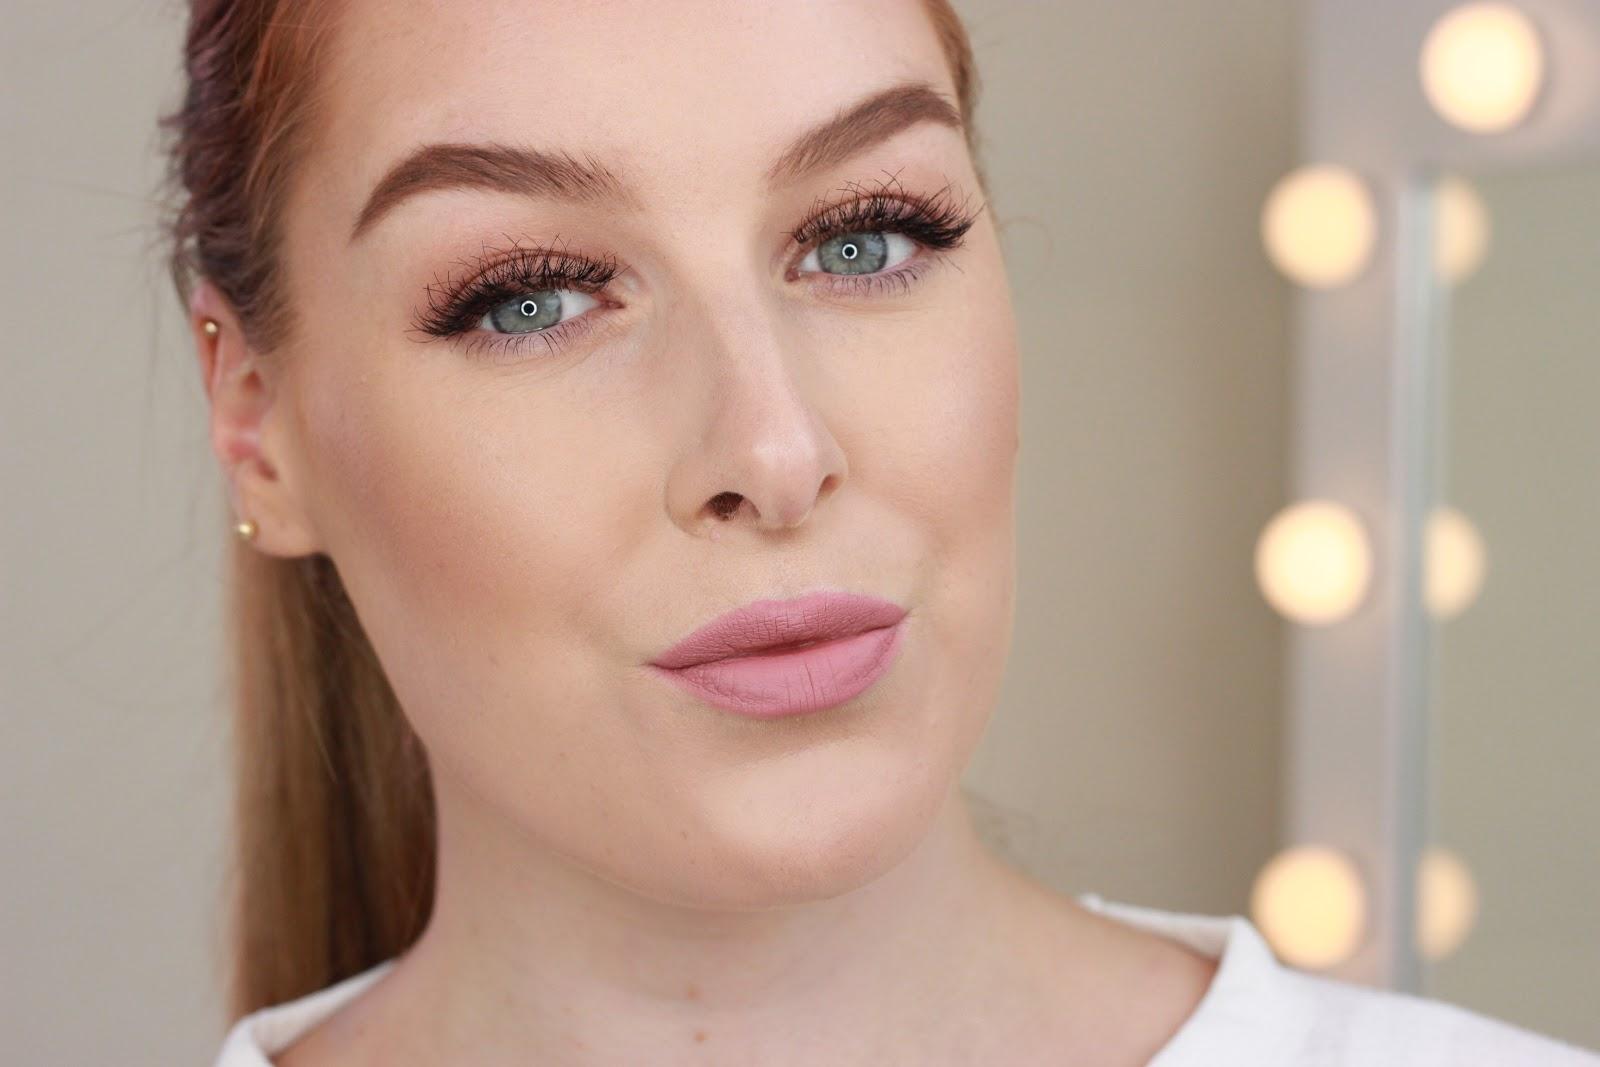 Eyelashes By Invogue style 10